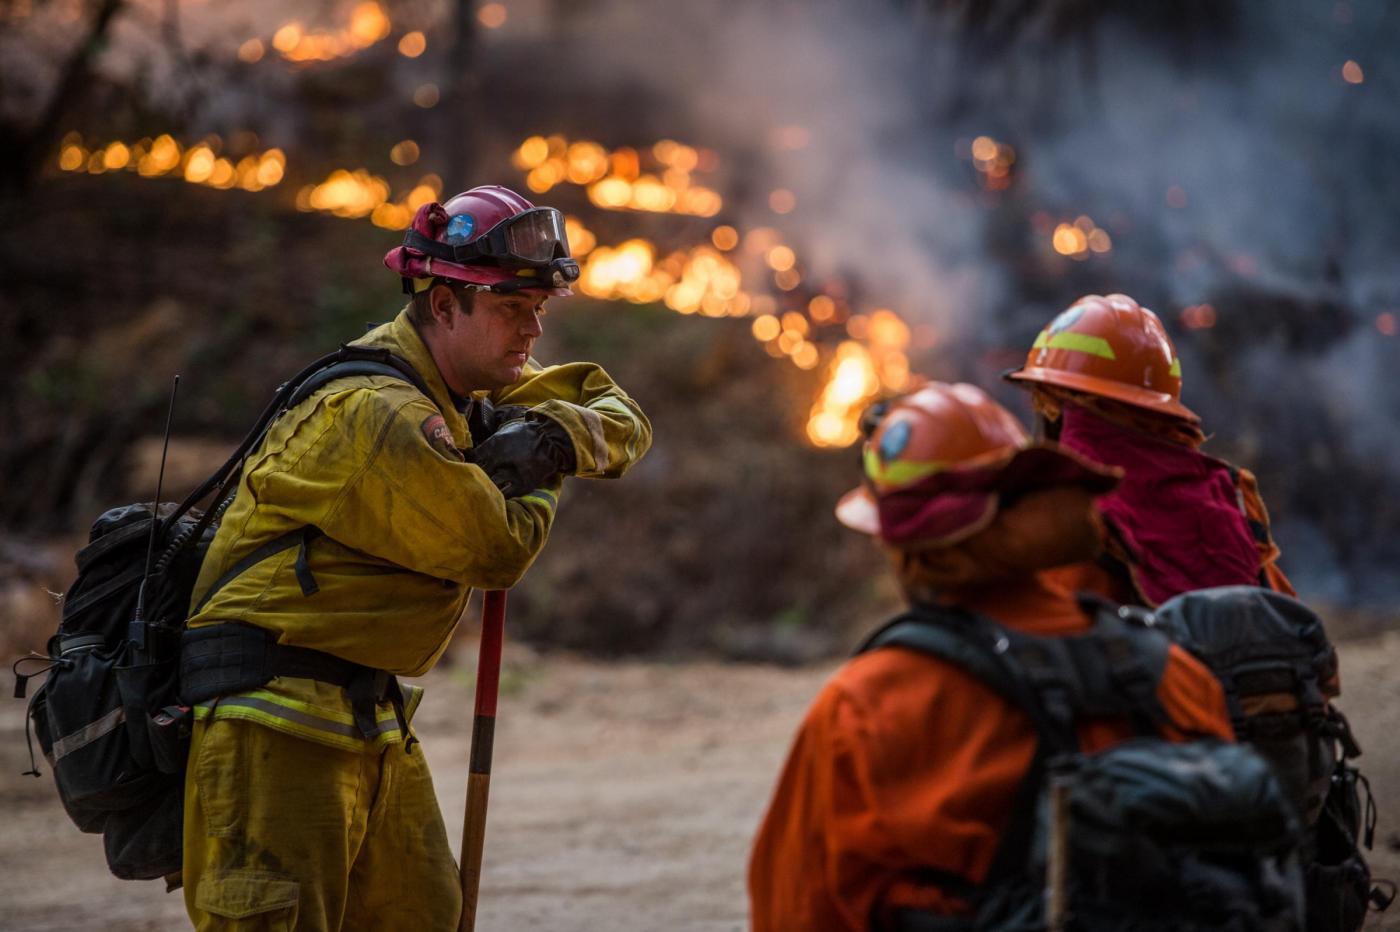 Gli incendi in California: sono stati i forestali siciliani in mission impossible?